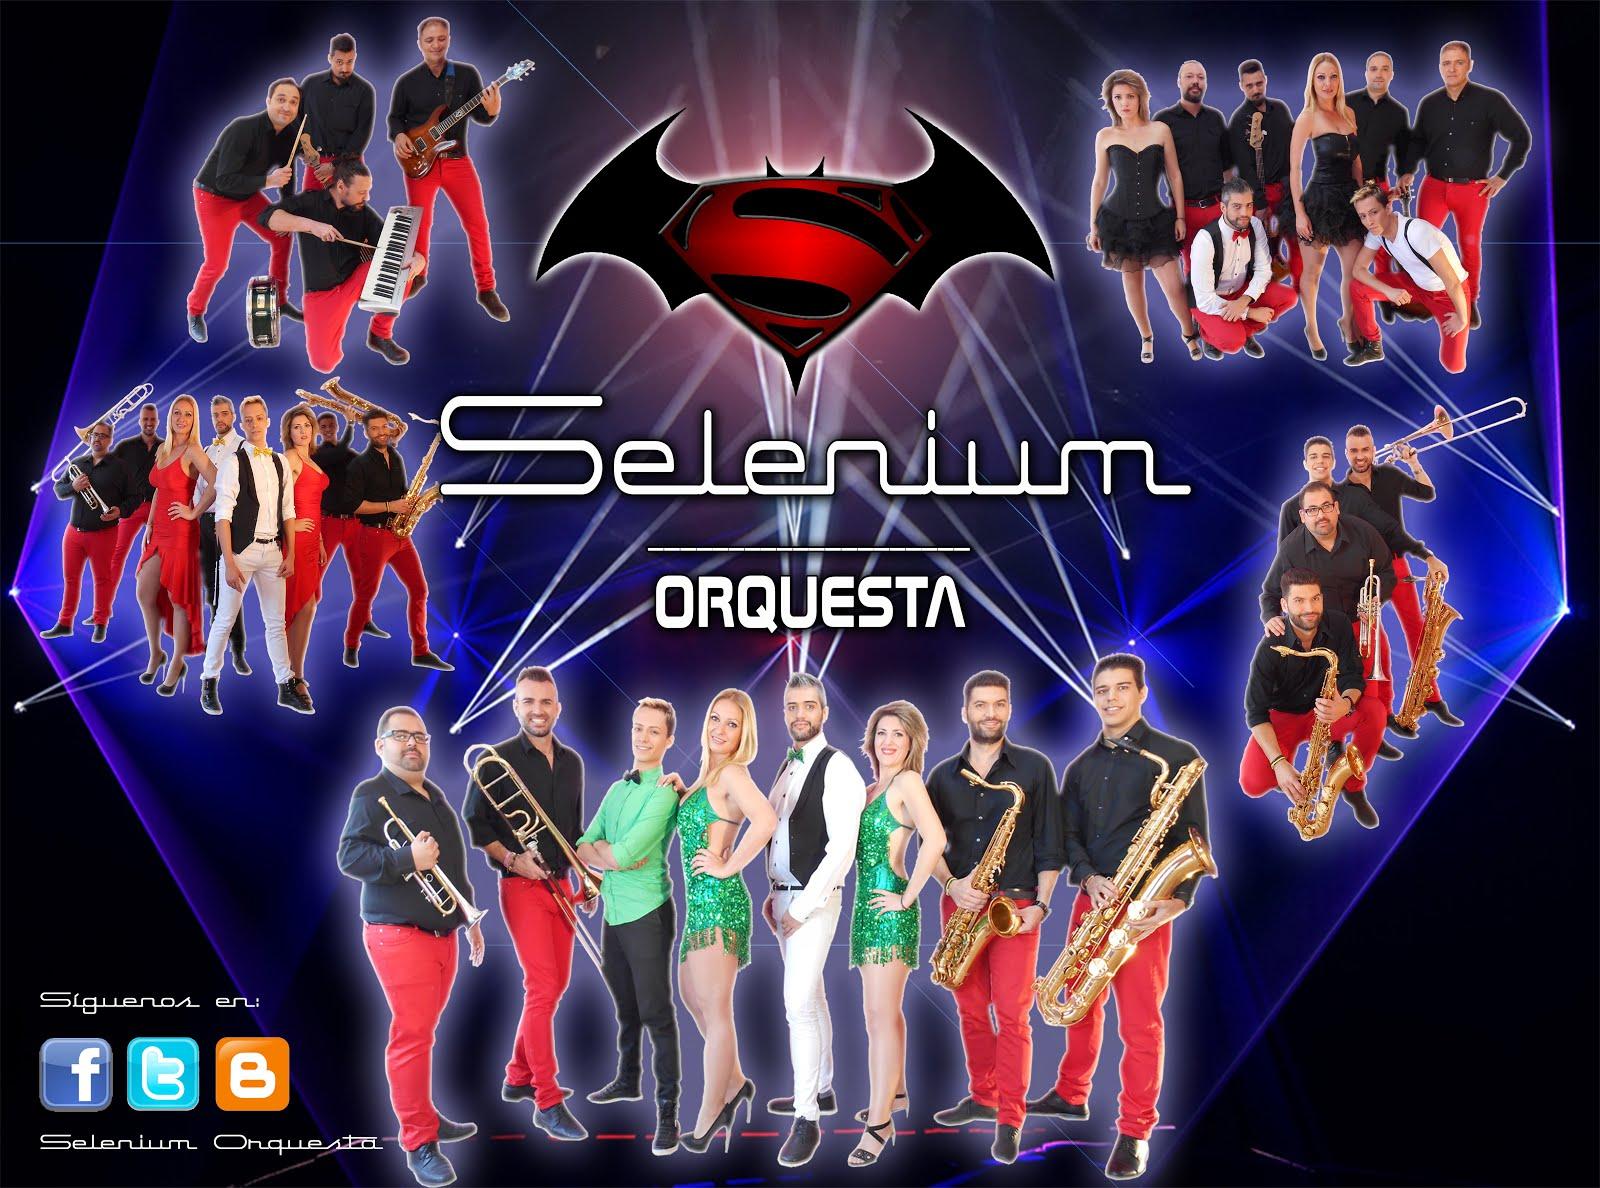 Encuentran el Dropbox de Selenium